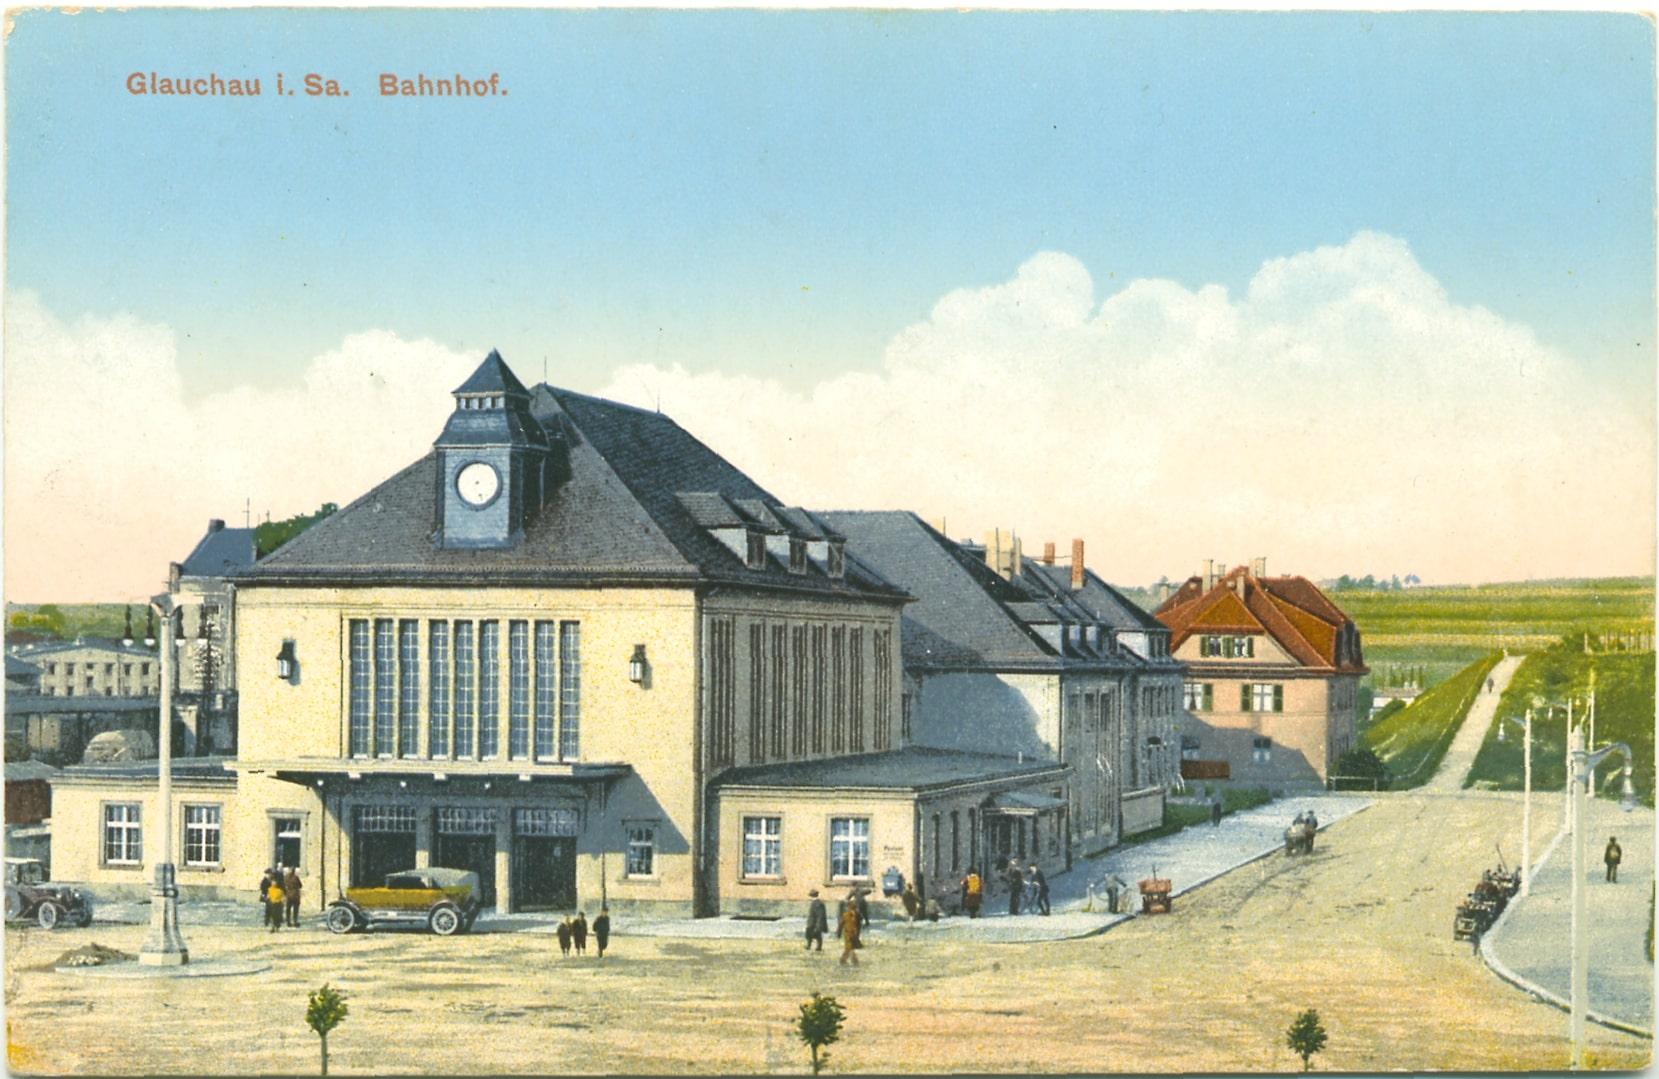 Bahnhof Glauchau